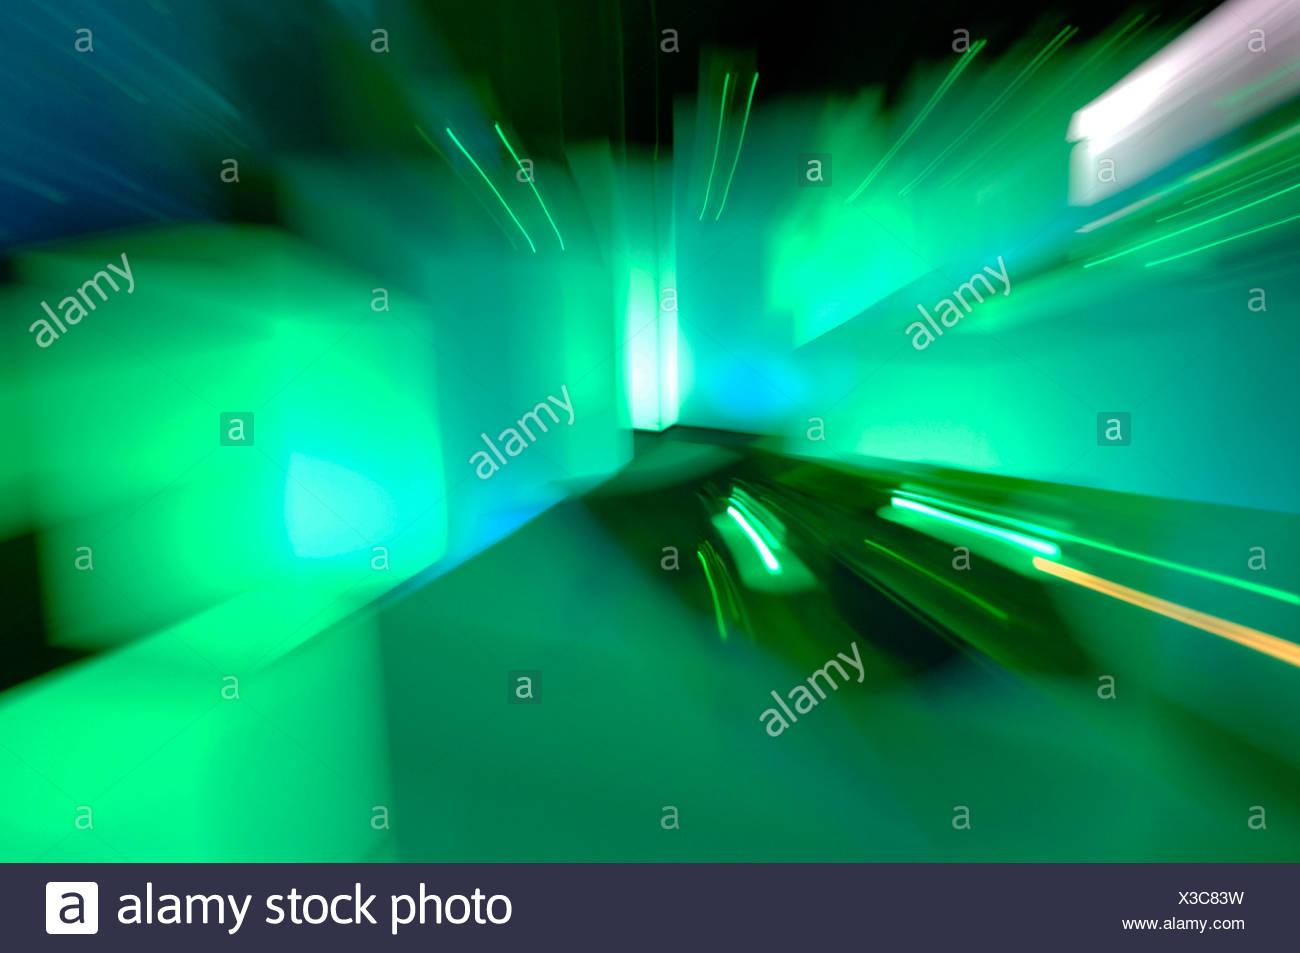 Light art, illuminated squares, zoom effect - Stock Image